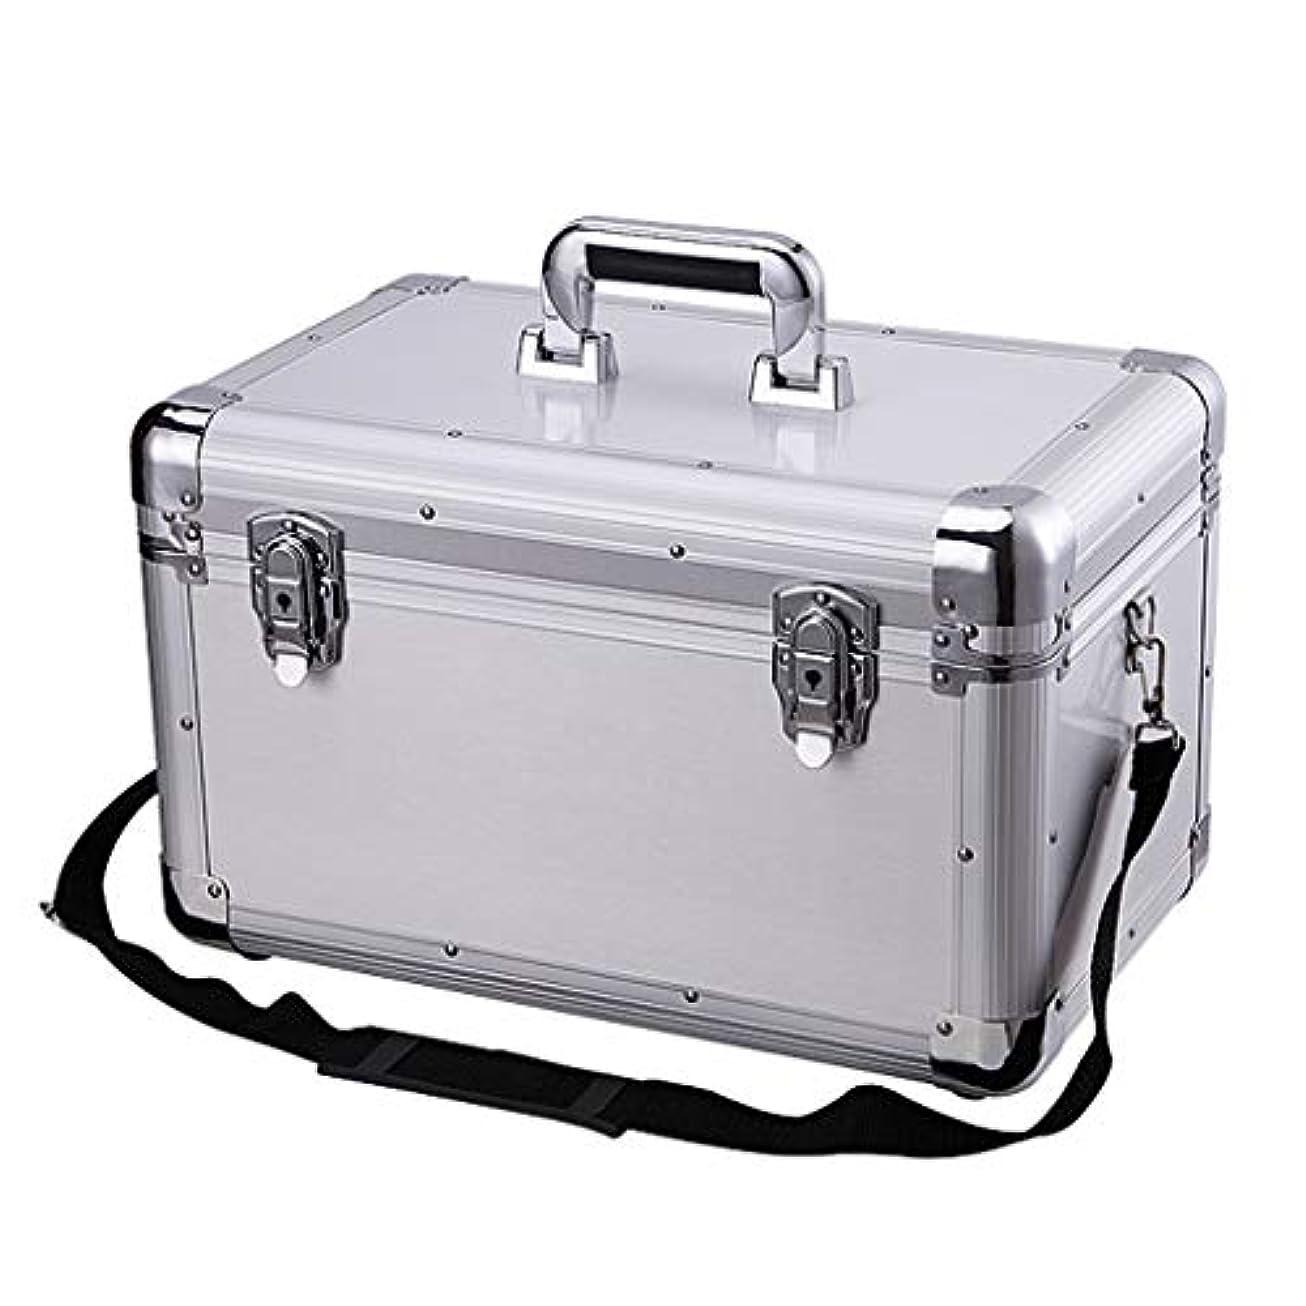 ドリンク影響を受けやすいですライバルHTDZDX 家庭用医療箱、2層健康応急処置ケース、金属緊急キット収納ボックス、ロック応急処置キット (Color : Silver)